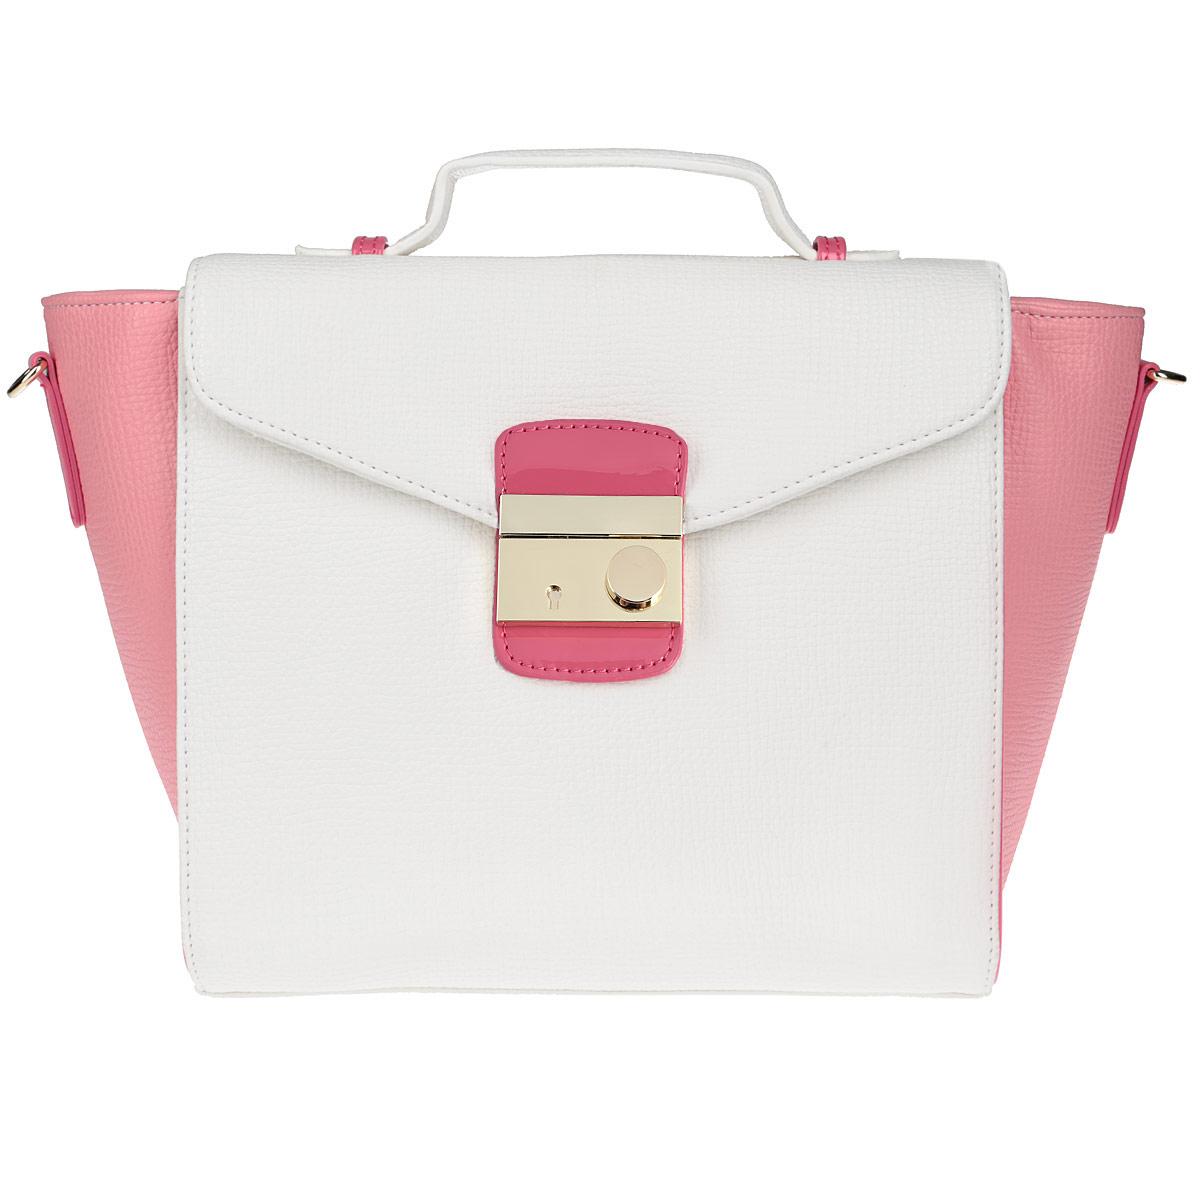 Сумка женская Vitacci, цвет: розовый, белый. V0779S76245Изысканная женская сумка Vitacci изготовлена из эко кожи. Изделие закрывается на удобную застежку-молнию и дополнительно клапаном на застежку. Внутри - одно вместительное отделение, несколько накладных карманчиков для мелочей, телефона, накладной карманчик на застежке-молнии и врезной карманчик на застежке-молнии. Задняя сторона сумки дополнена плоским карманом, закрывающимся сверху небольшим хлястиком на магнитную кнопку. Дно дополнено металлическими ножками, защищающими изделие от повреждений.На клапане - небольшая ручка для удобного ношения сумки в руках. Также модель дополнена съемным плечевым ремнем, регулирующимся по длине. Изделие упаковано в фирменный чехол.Роскошная сумка внесет элегантные нотки в ваш образ и подчеркнет ваше отменное чувство стиля.